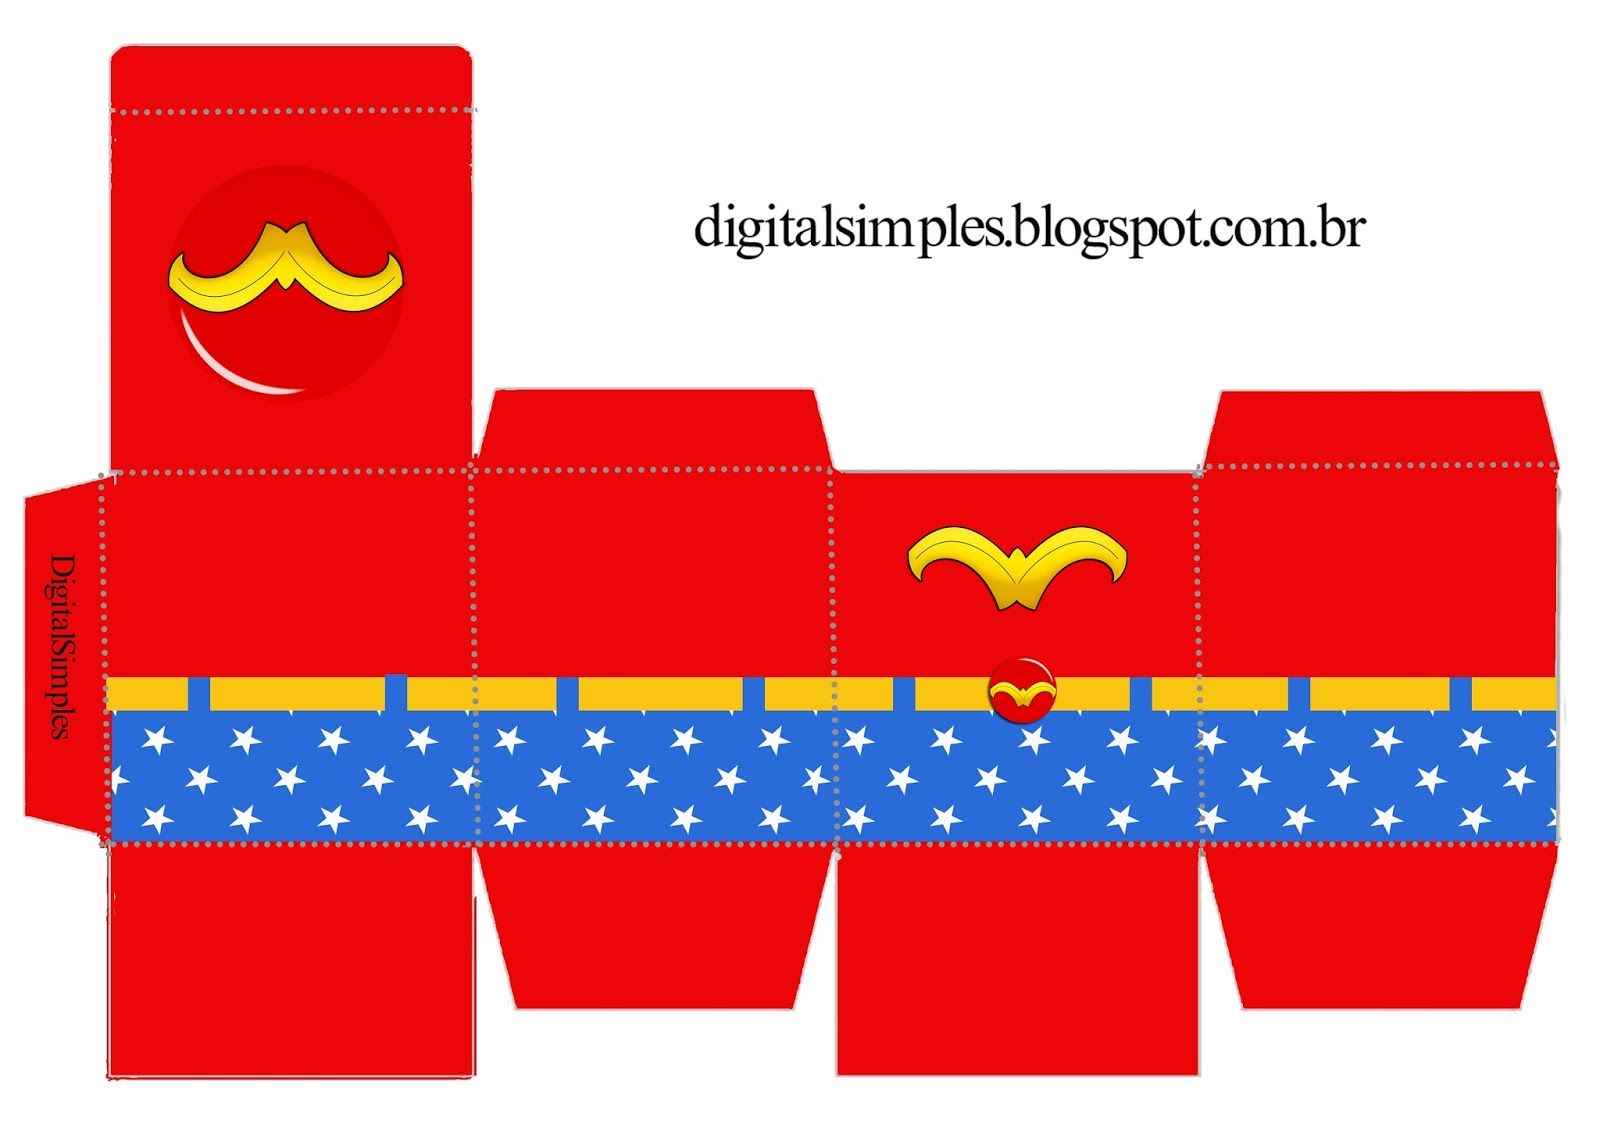 Caixa Cubo Dupla com Personagens Convites Digitais Simples